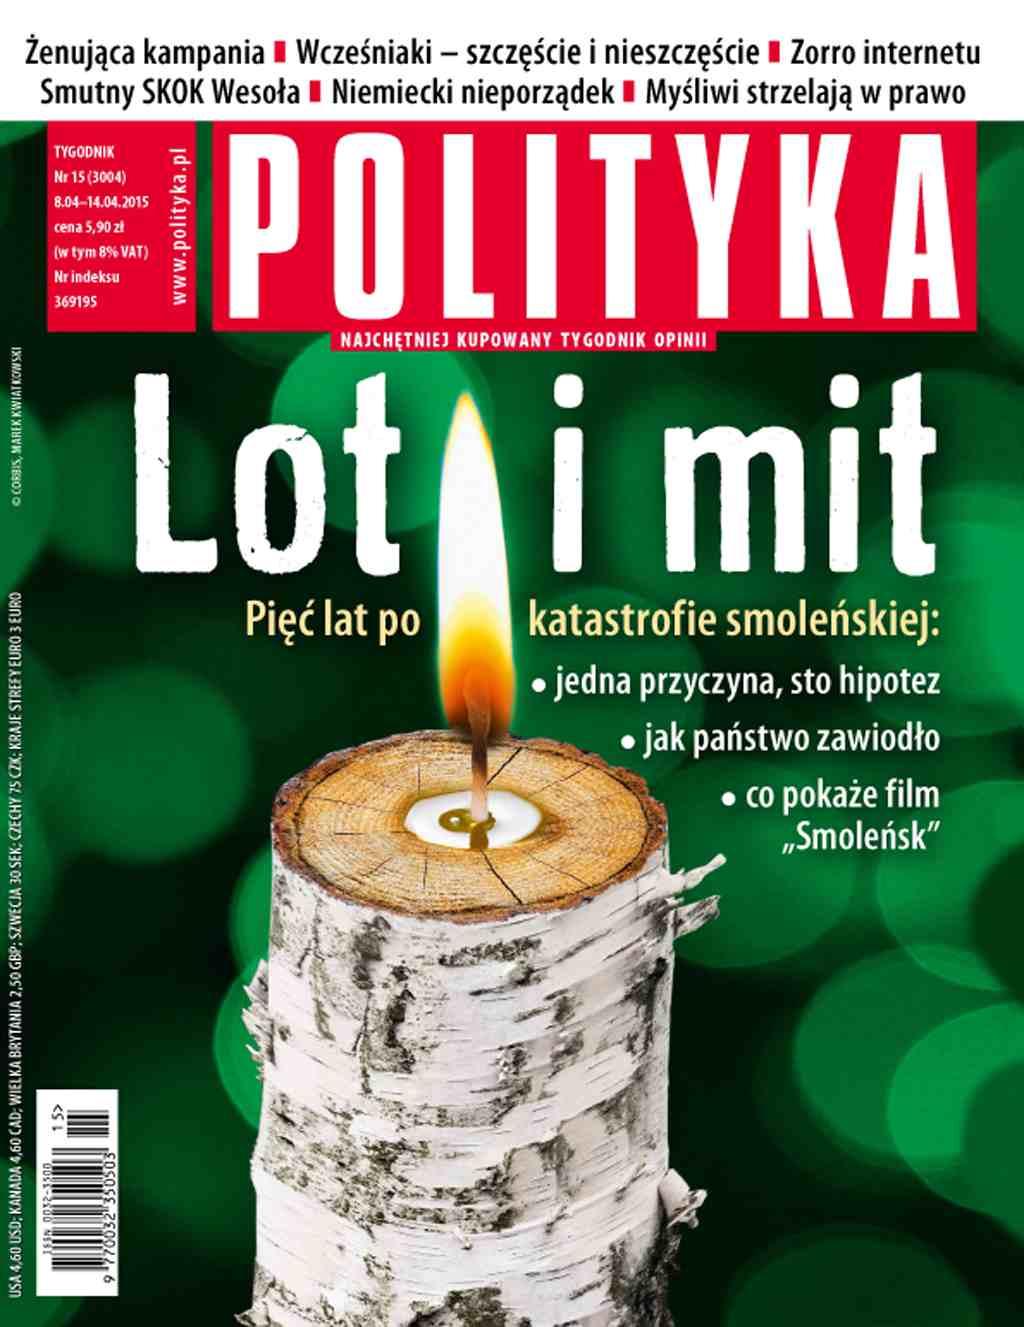 Polityka nr 15/2015 - Ebook (Książka PDF) do pobrania w formacie PDF